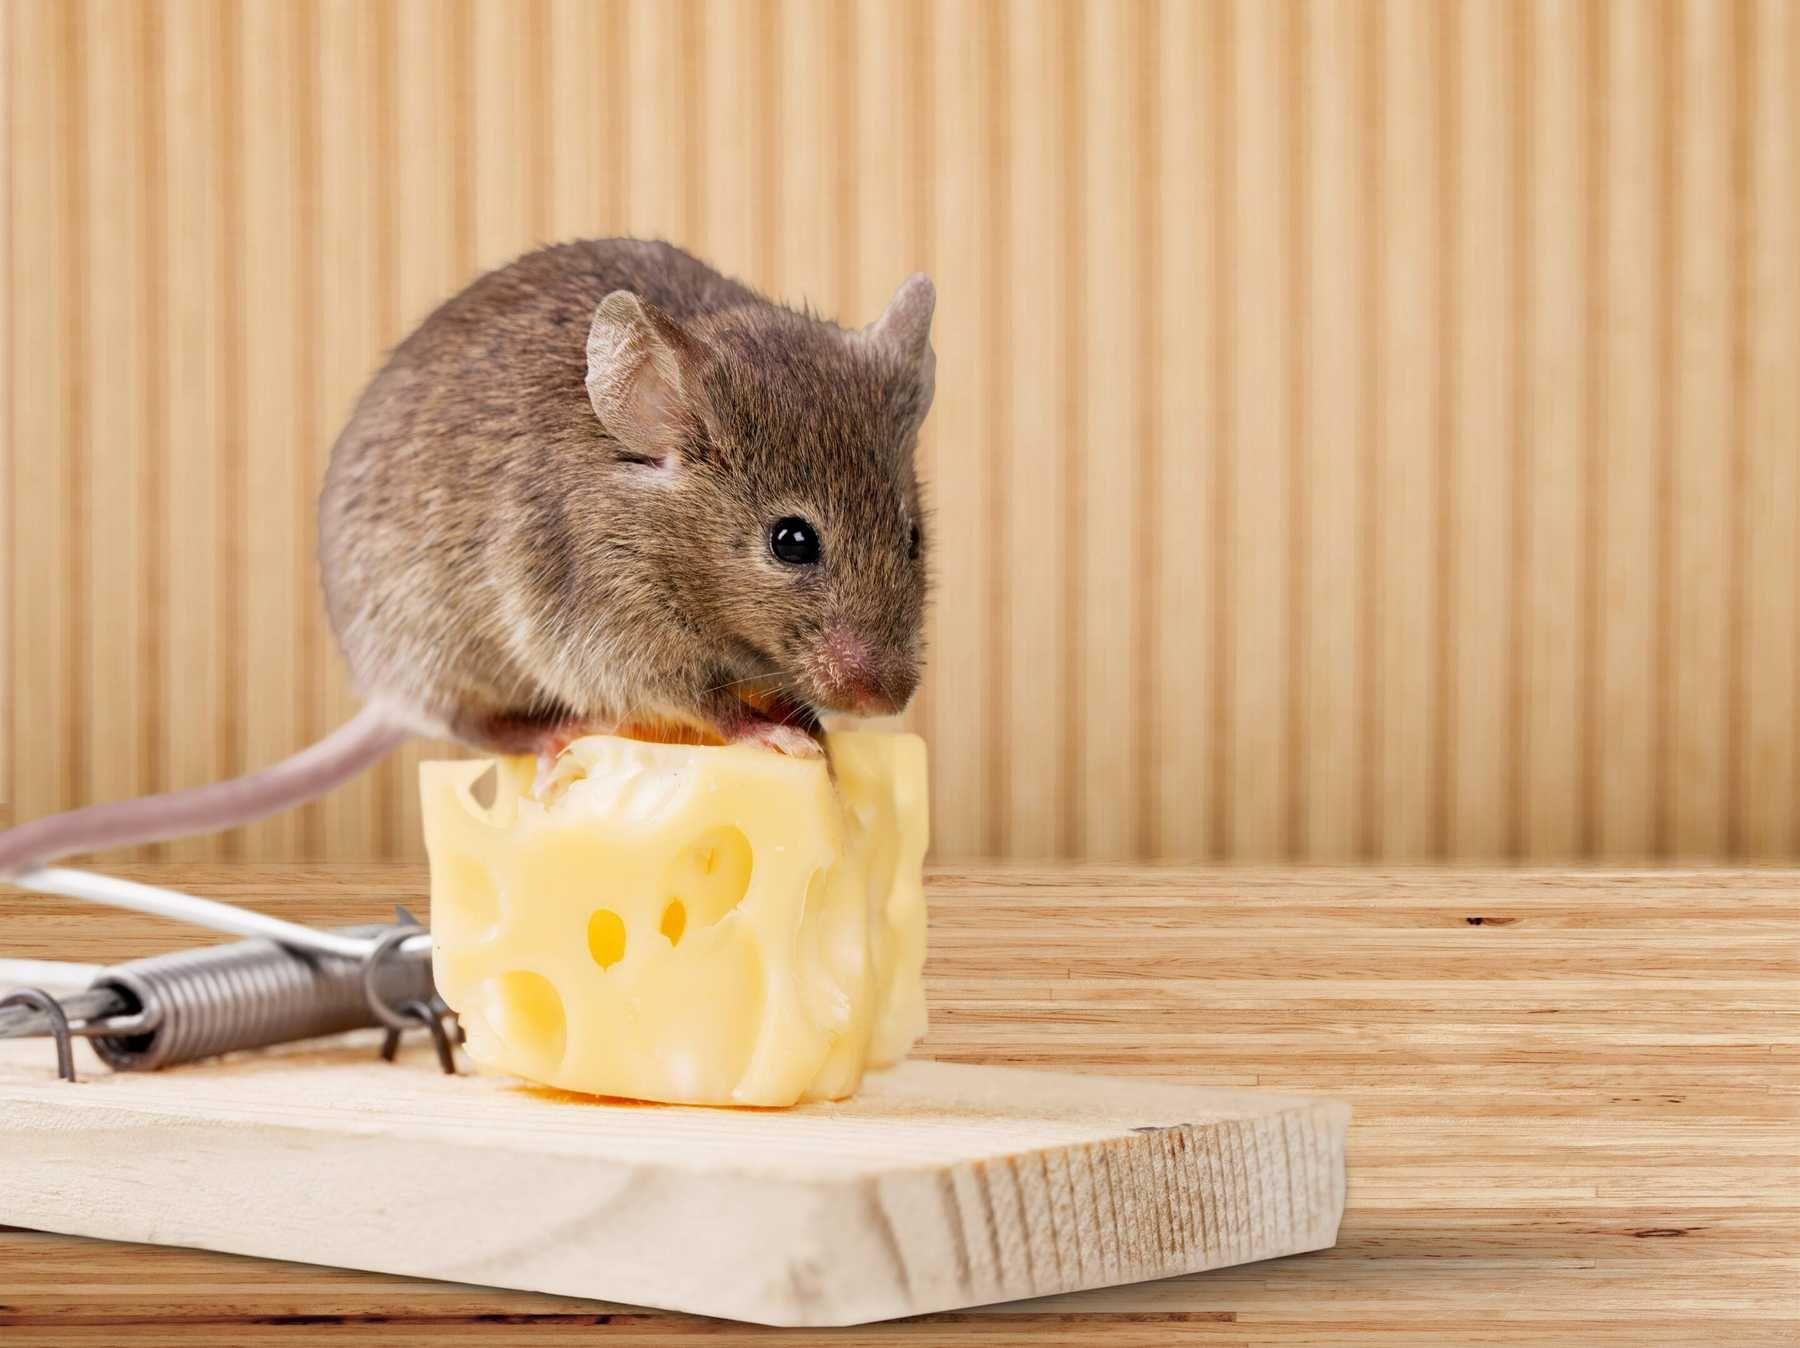 cách đuổi chuột trên trần nhà bằng bẫy chuột